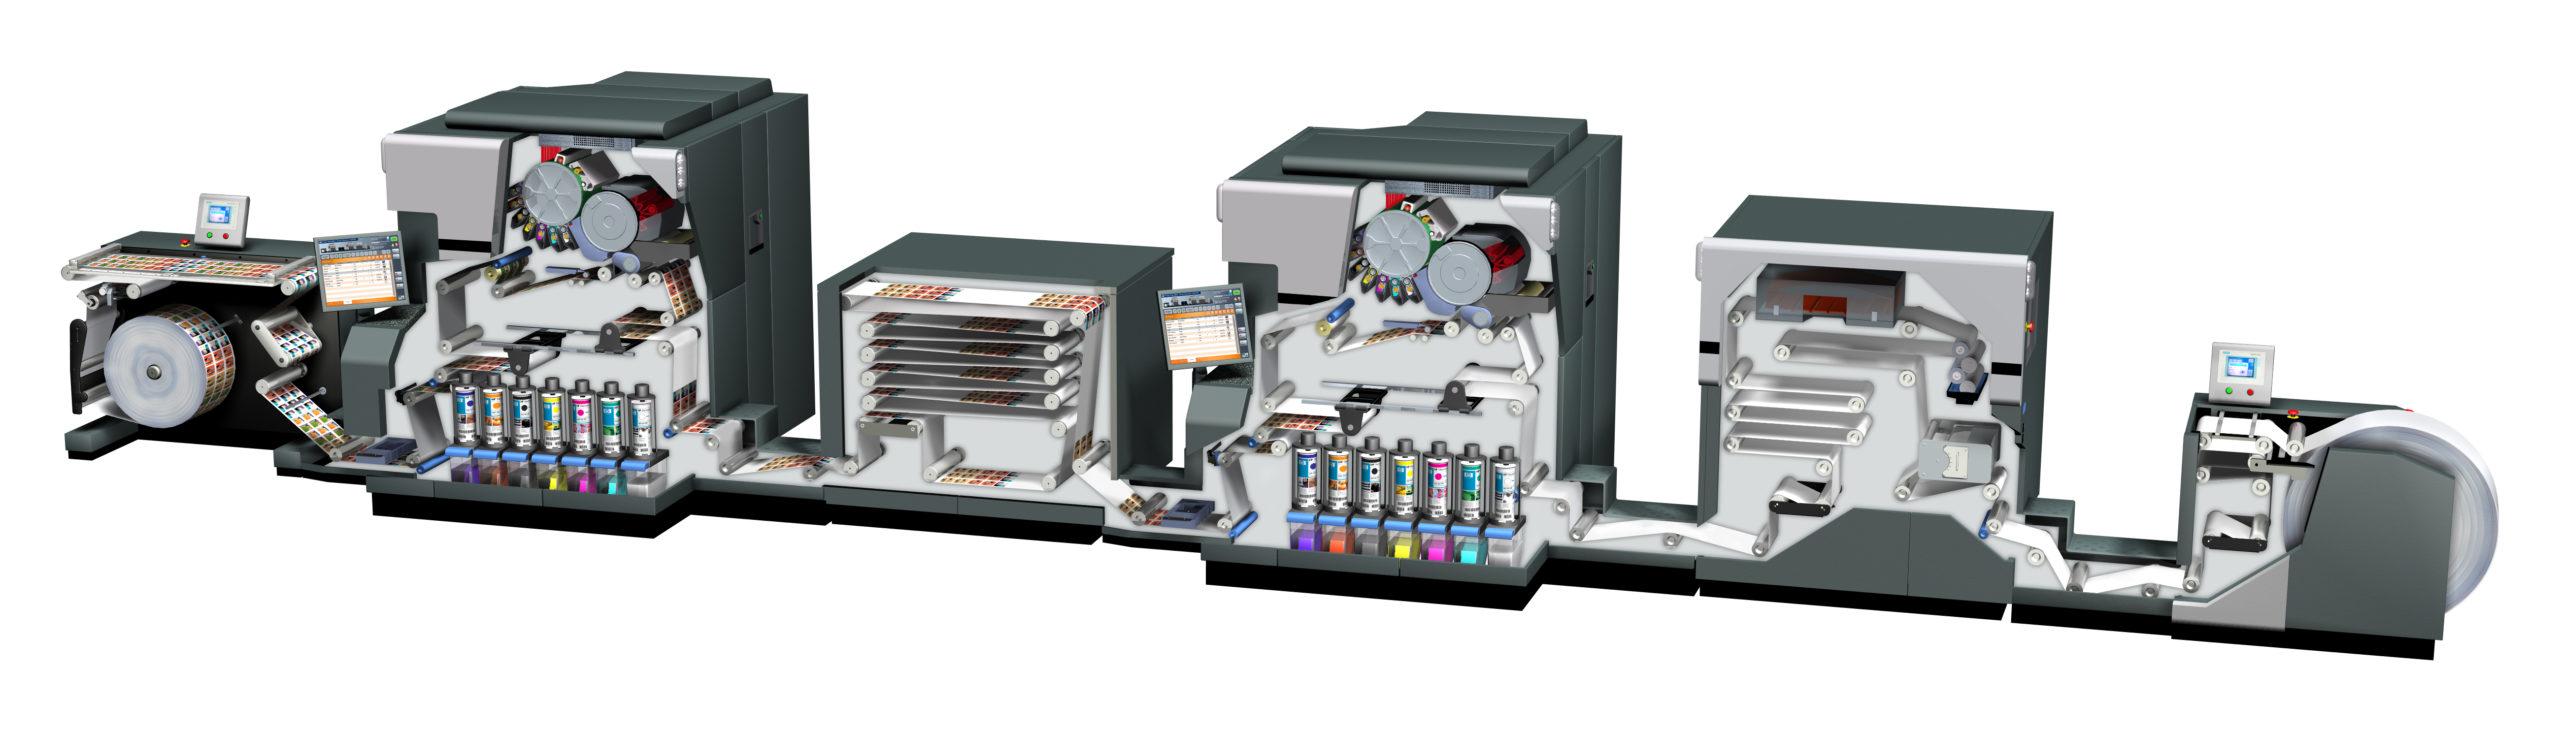 HP Indigo 8000